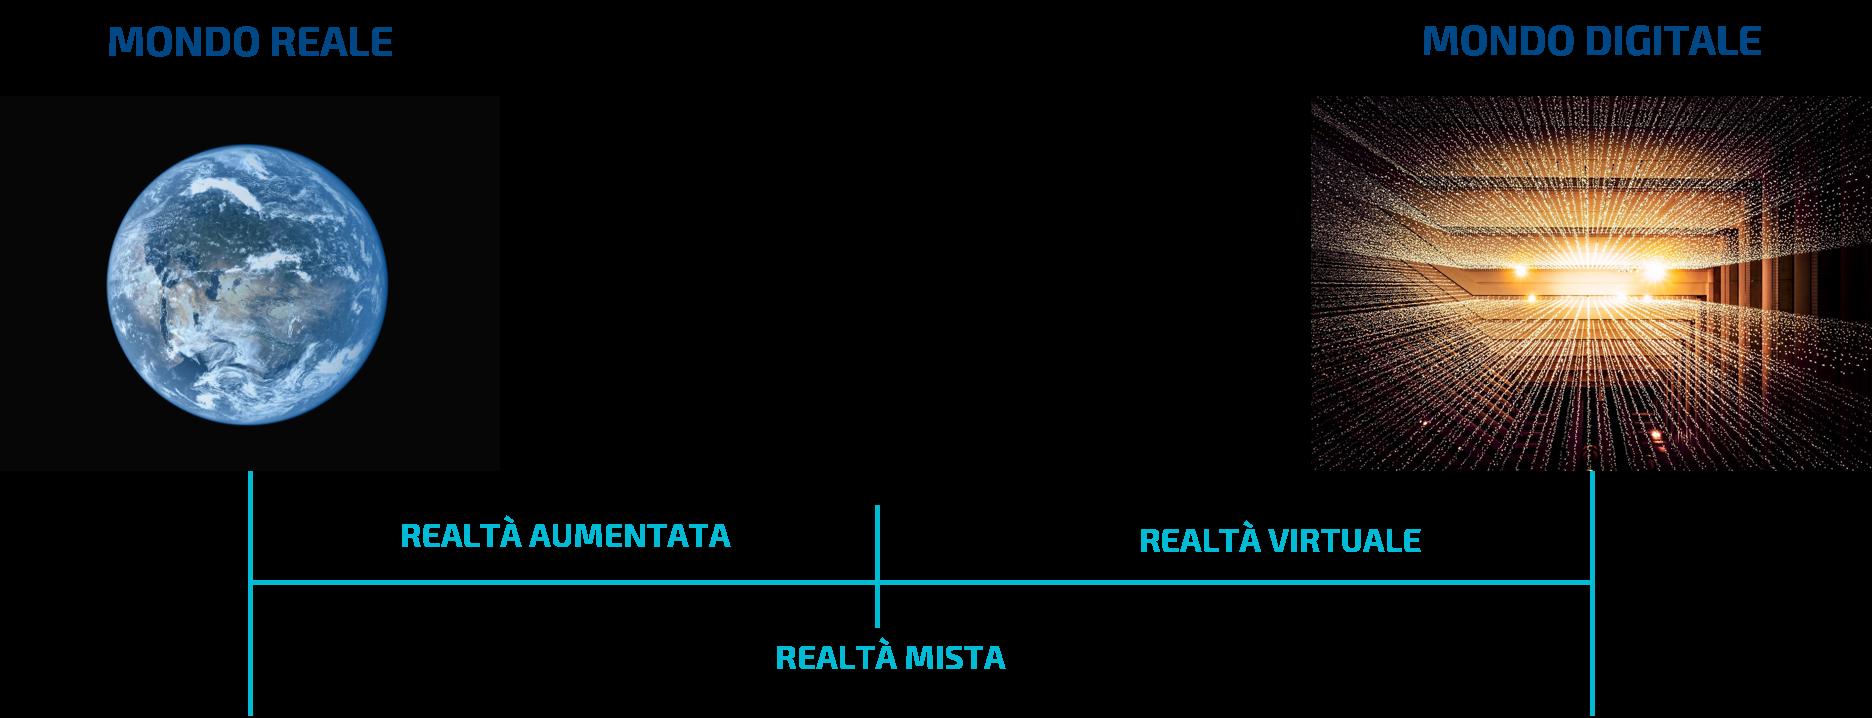 Realtà virtuale, aumentata e mista